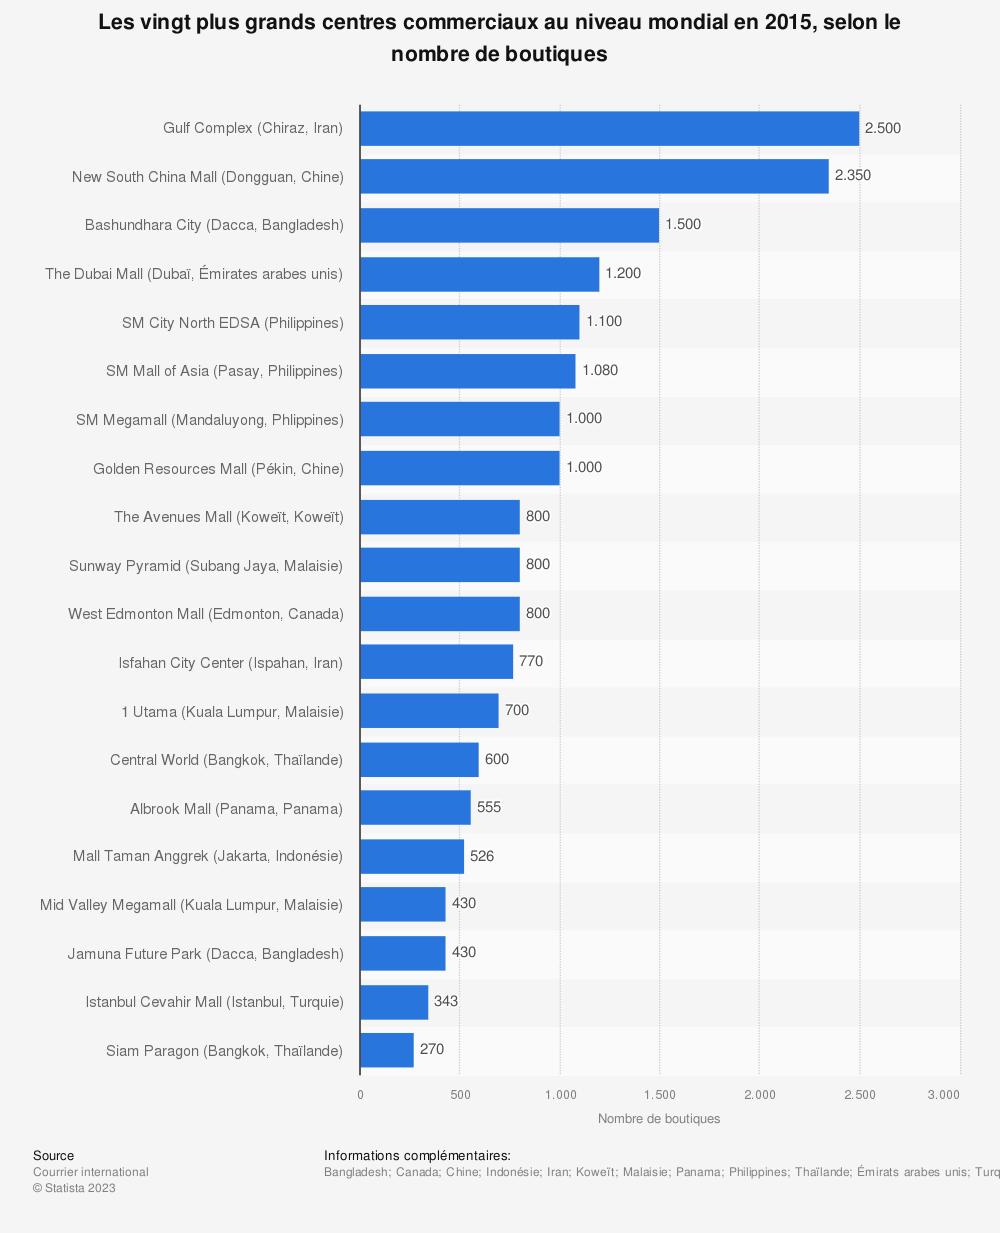 Statistique: Les vingt plus grands centres commerciaux au niveau mondial en 2015, selon le nombre de boutiques | Statista